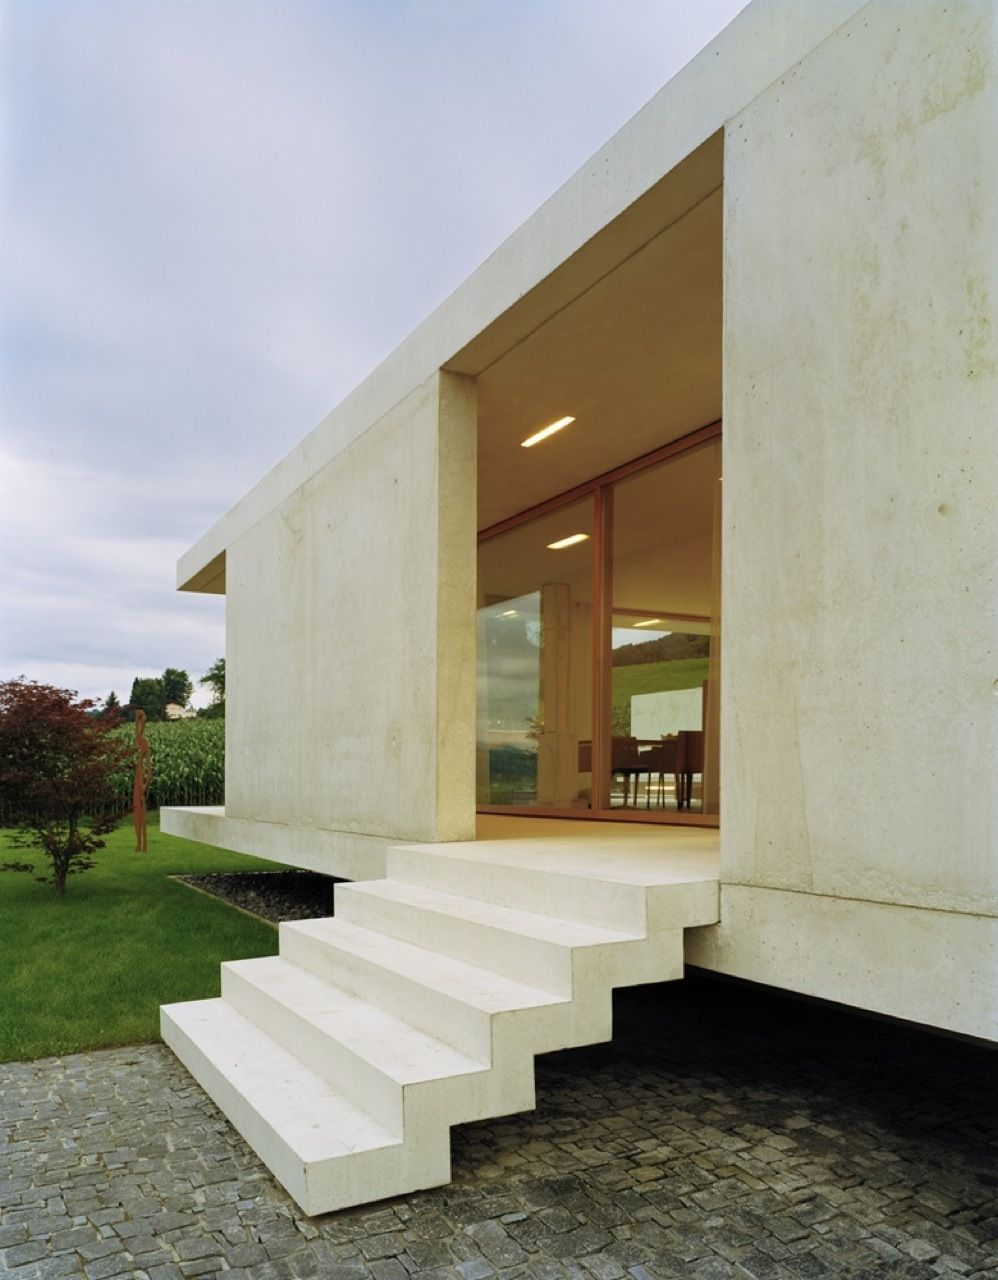 Architekten beton aussen minimalismus treppen betontreppen betonhäuser zürich moderne häuser